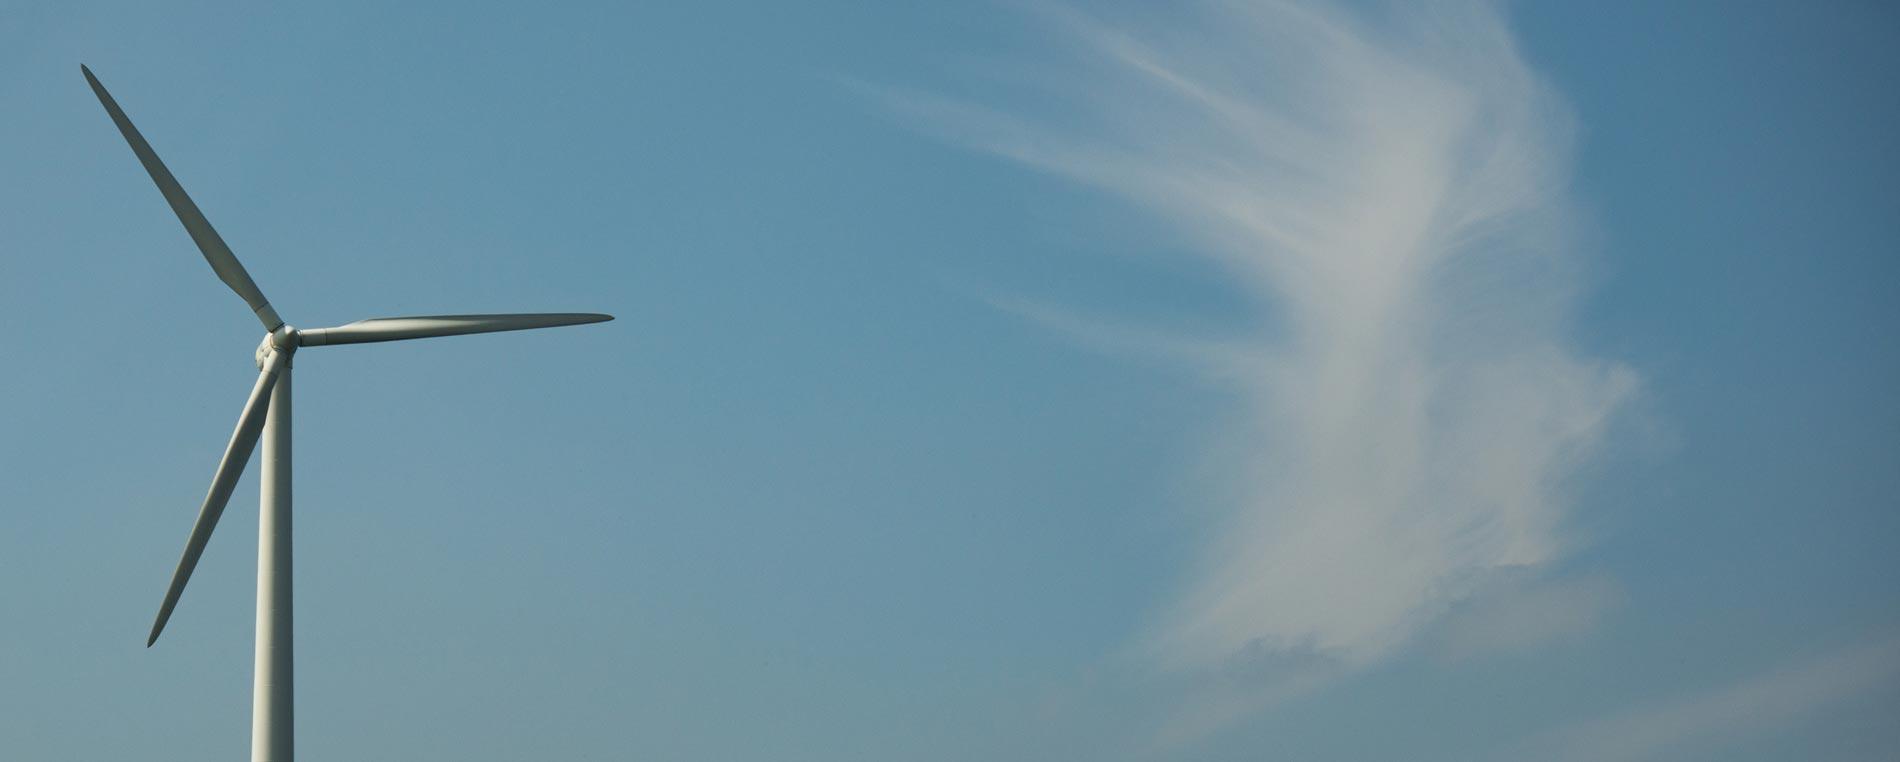 Du vent dans les pales : l'éolien dans le sud Finistère